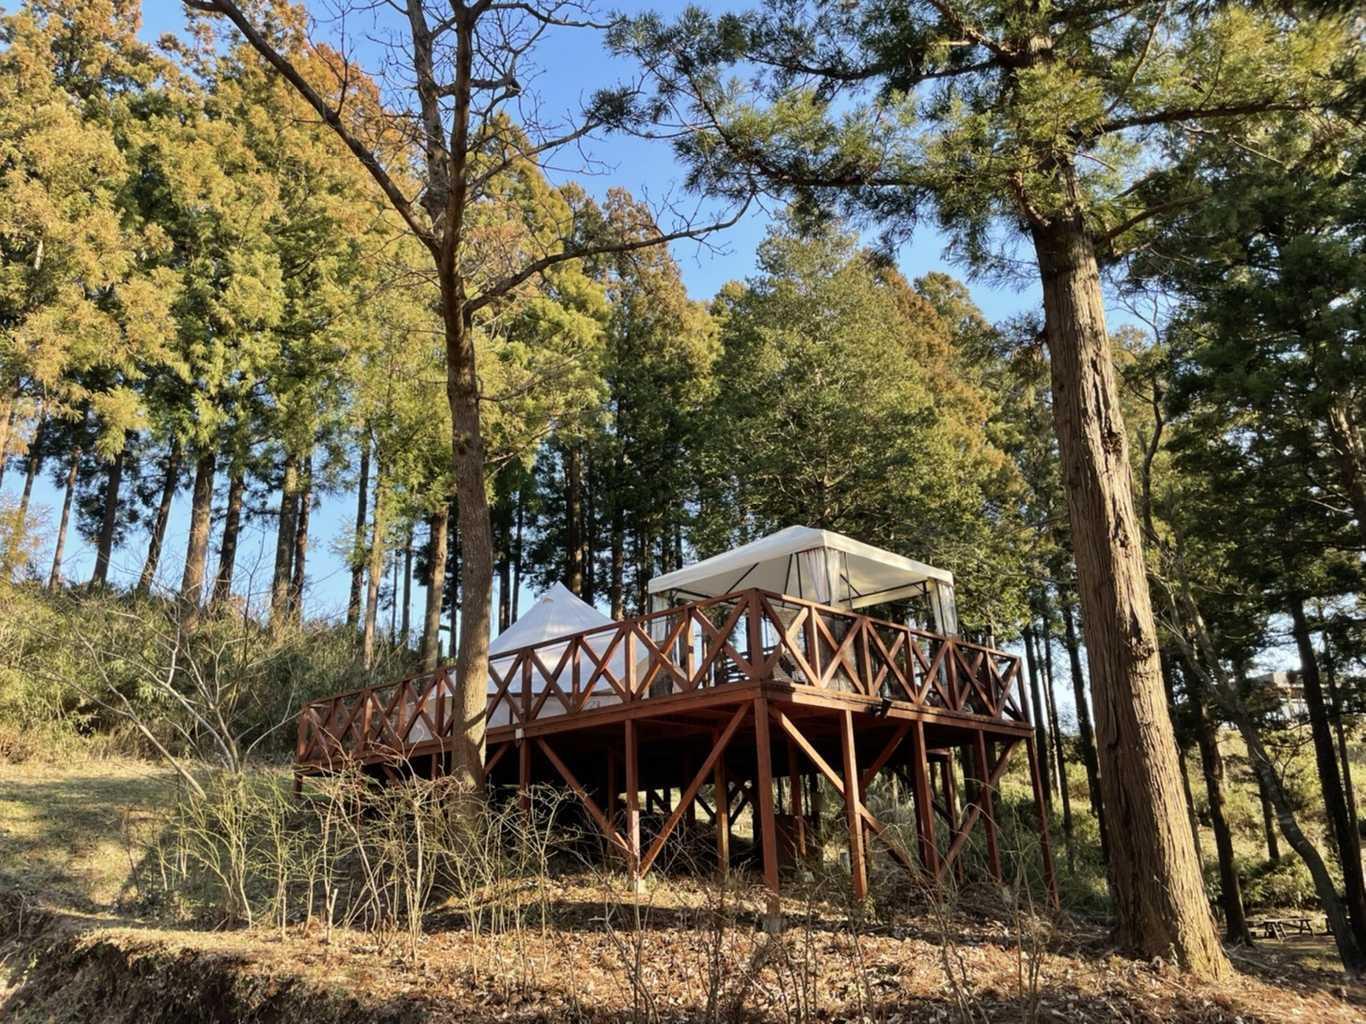 【~11月】【CAMPフォレスト】森の中に1日1組だけのプライベートサイトで過ごす豪華なキャンプ!! 画像